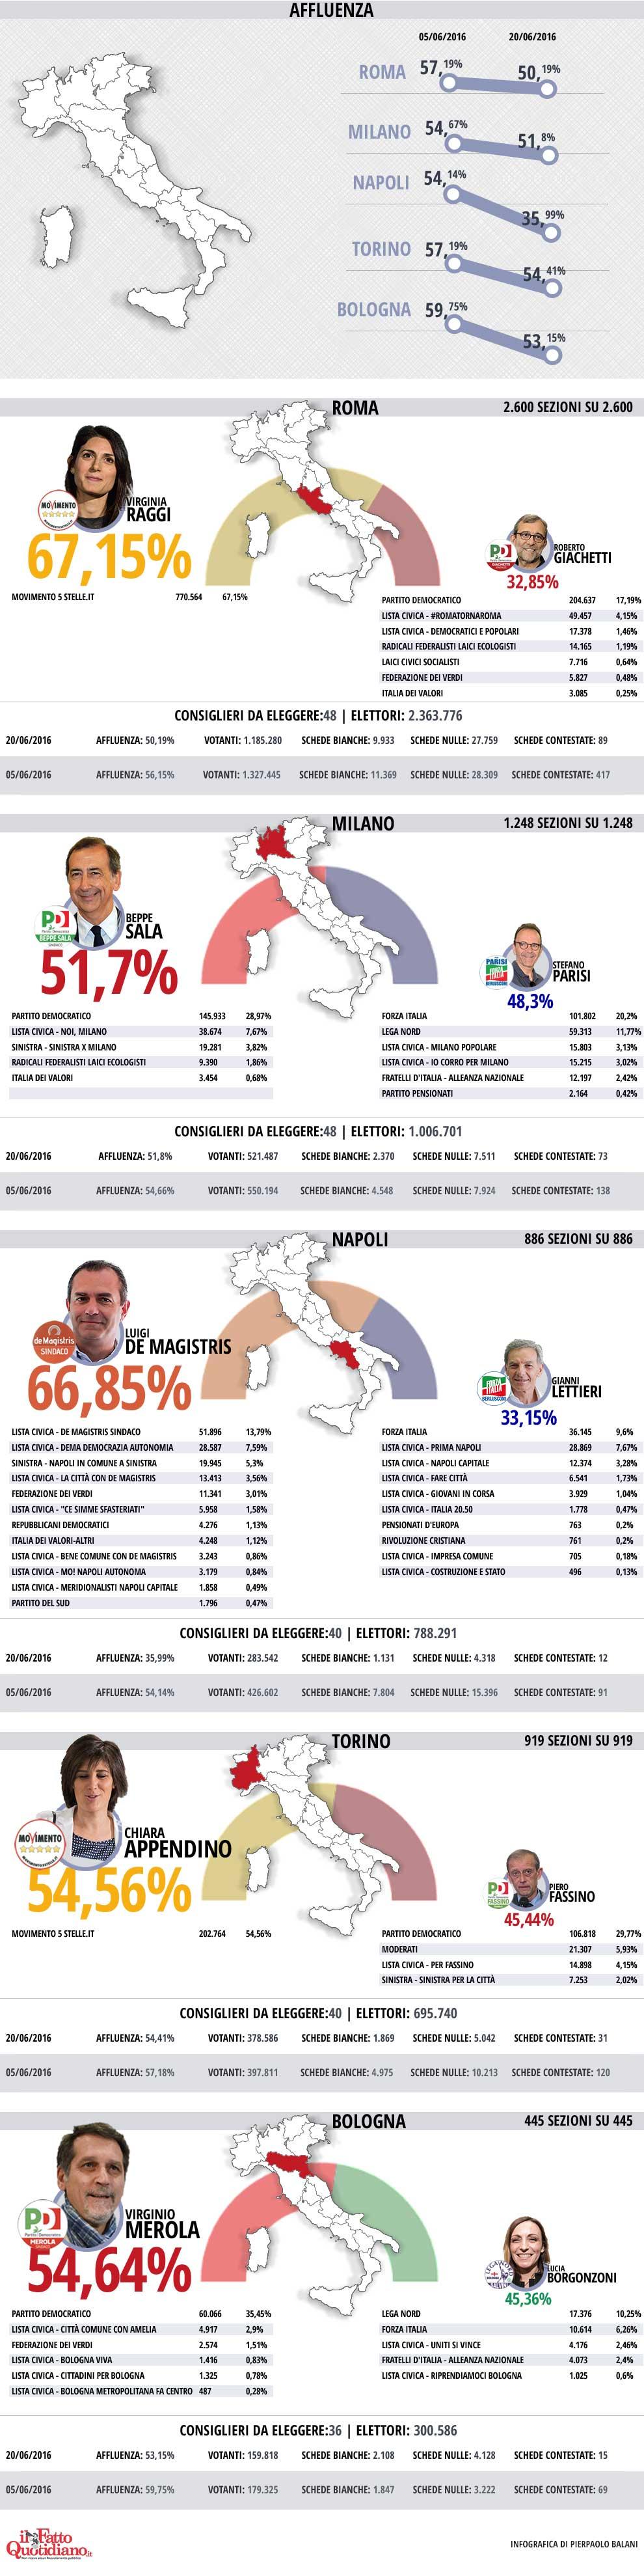 elezioni--infografica-2016-06-20